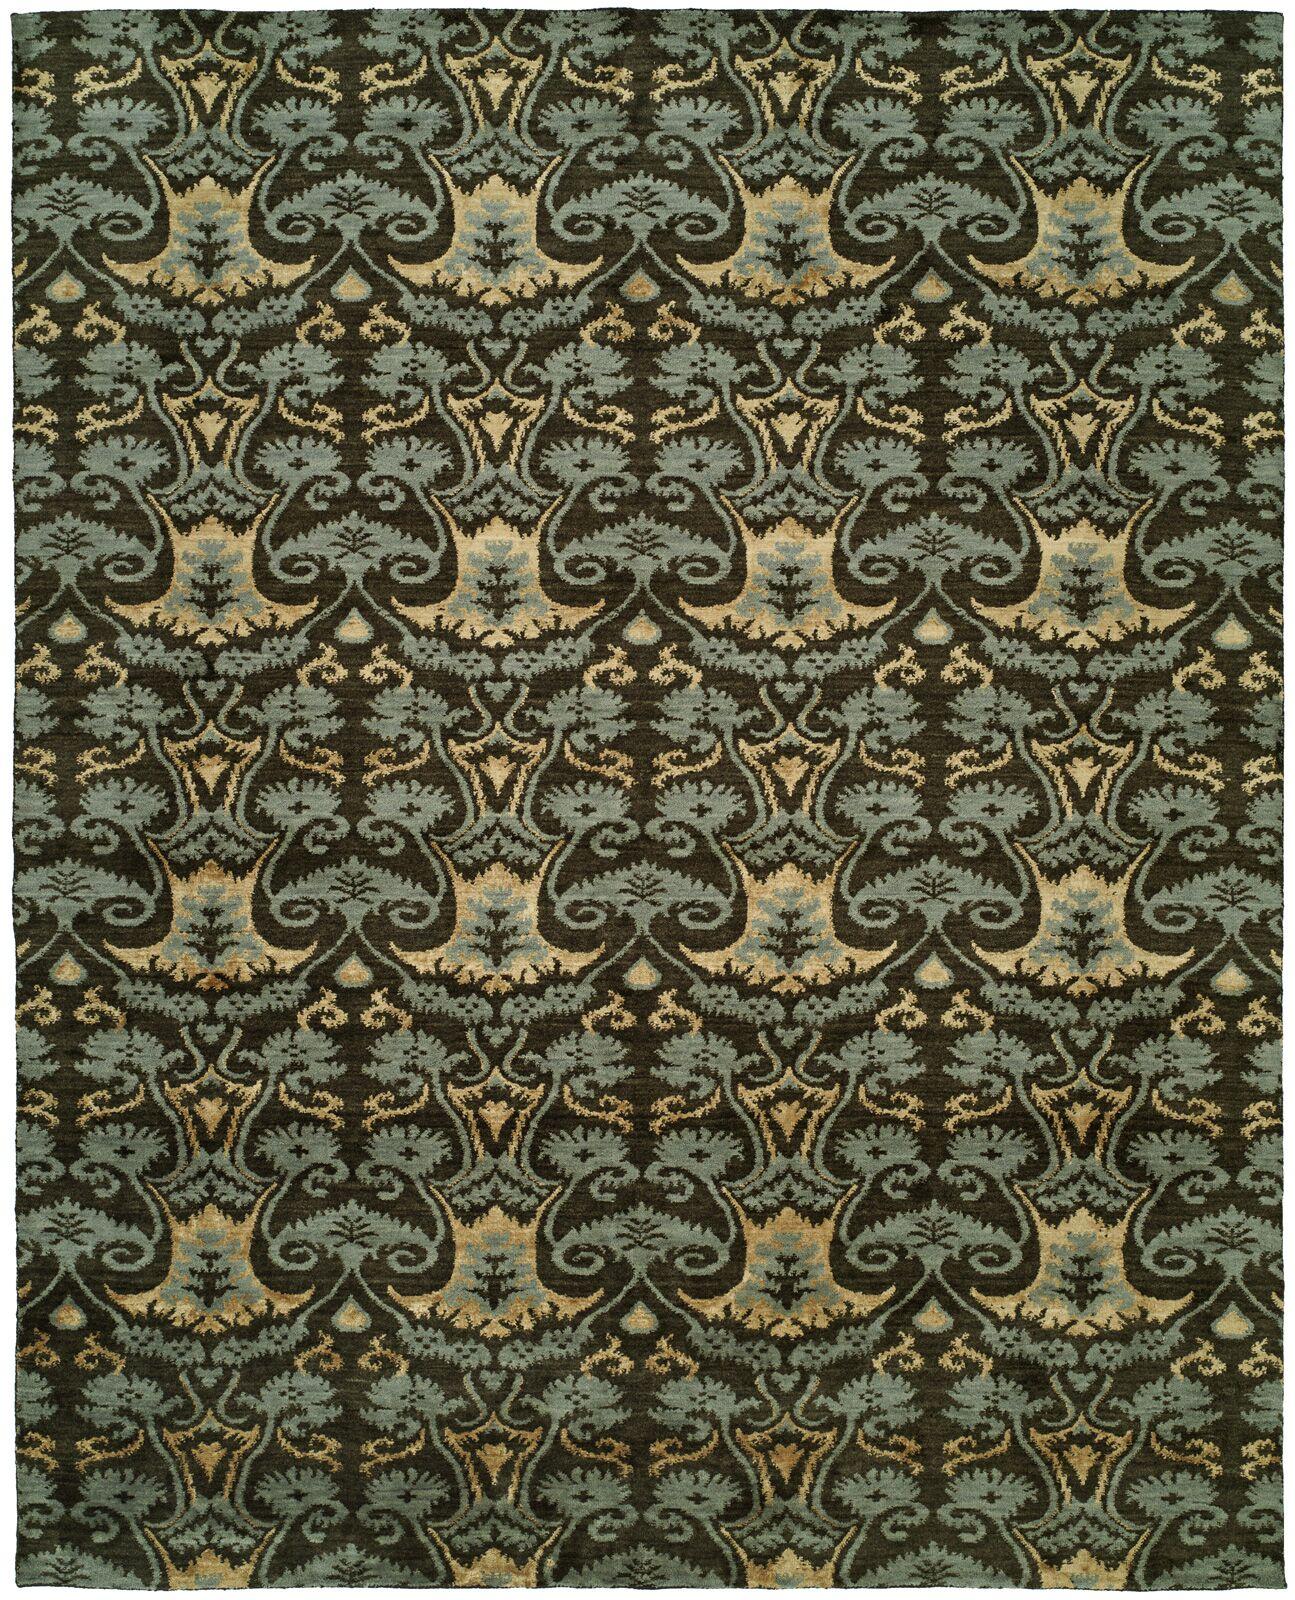 Dumraon Handmade Smokey Brown Area Rug Rug Size: Rectangle 6' x 9'